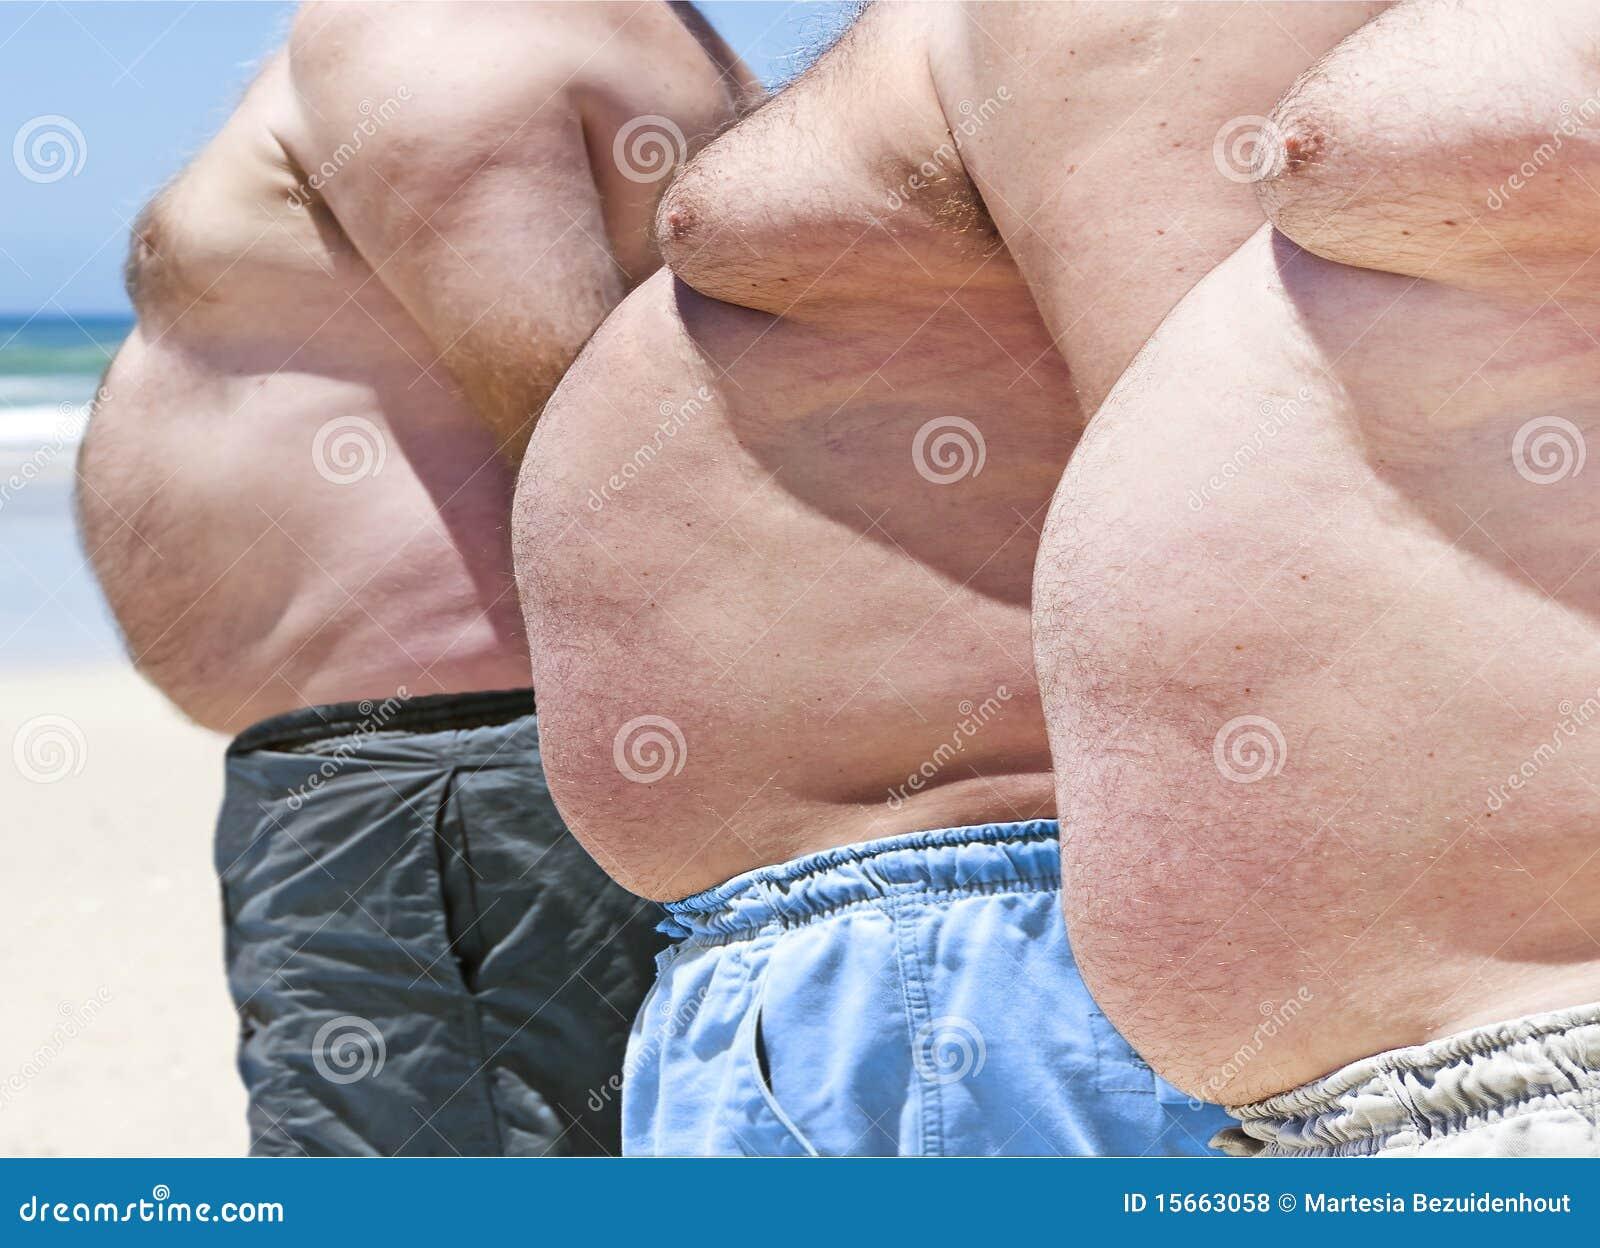 Fotos de Stock Royalty Free: Três homens gordos em uma praia